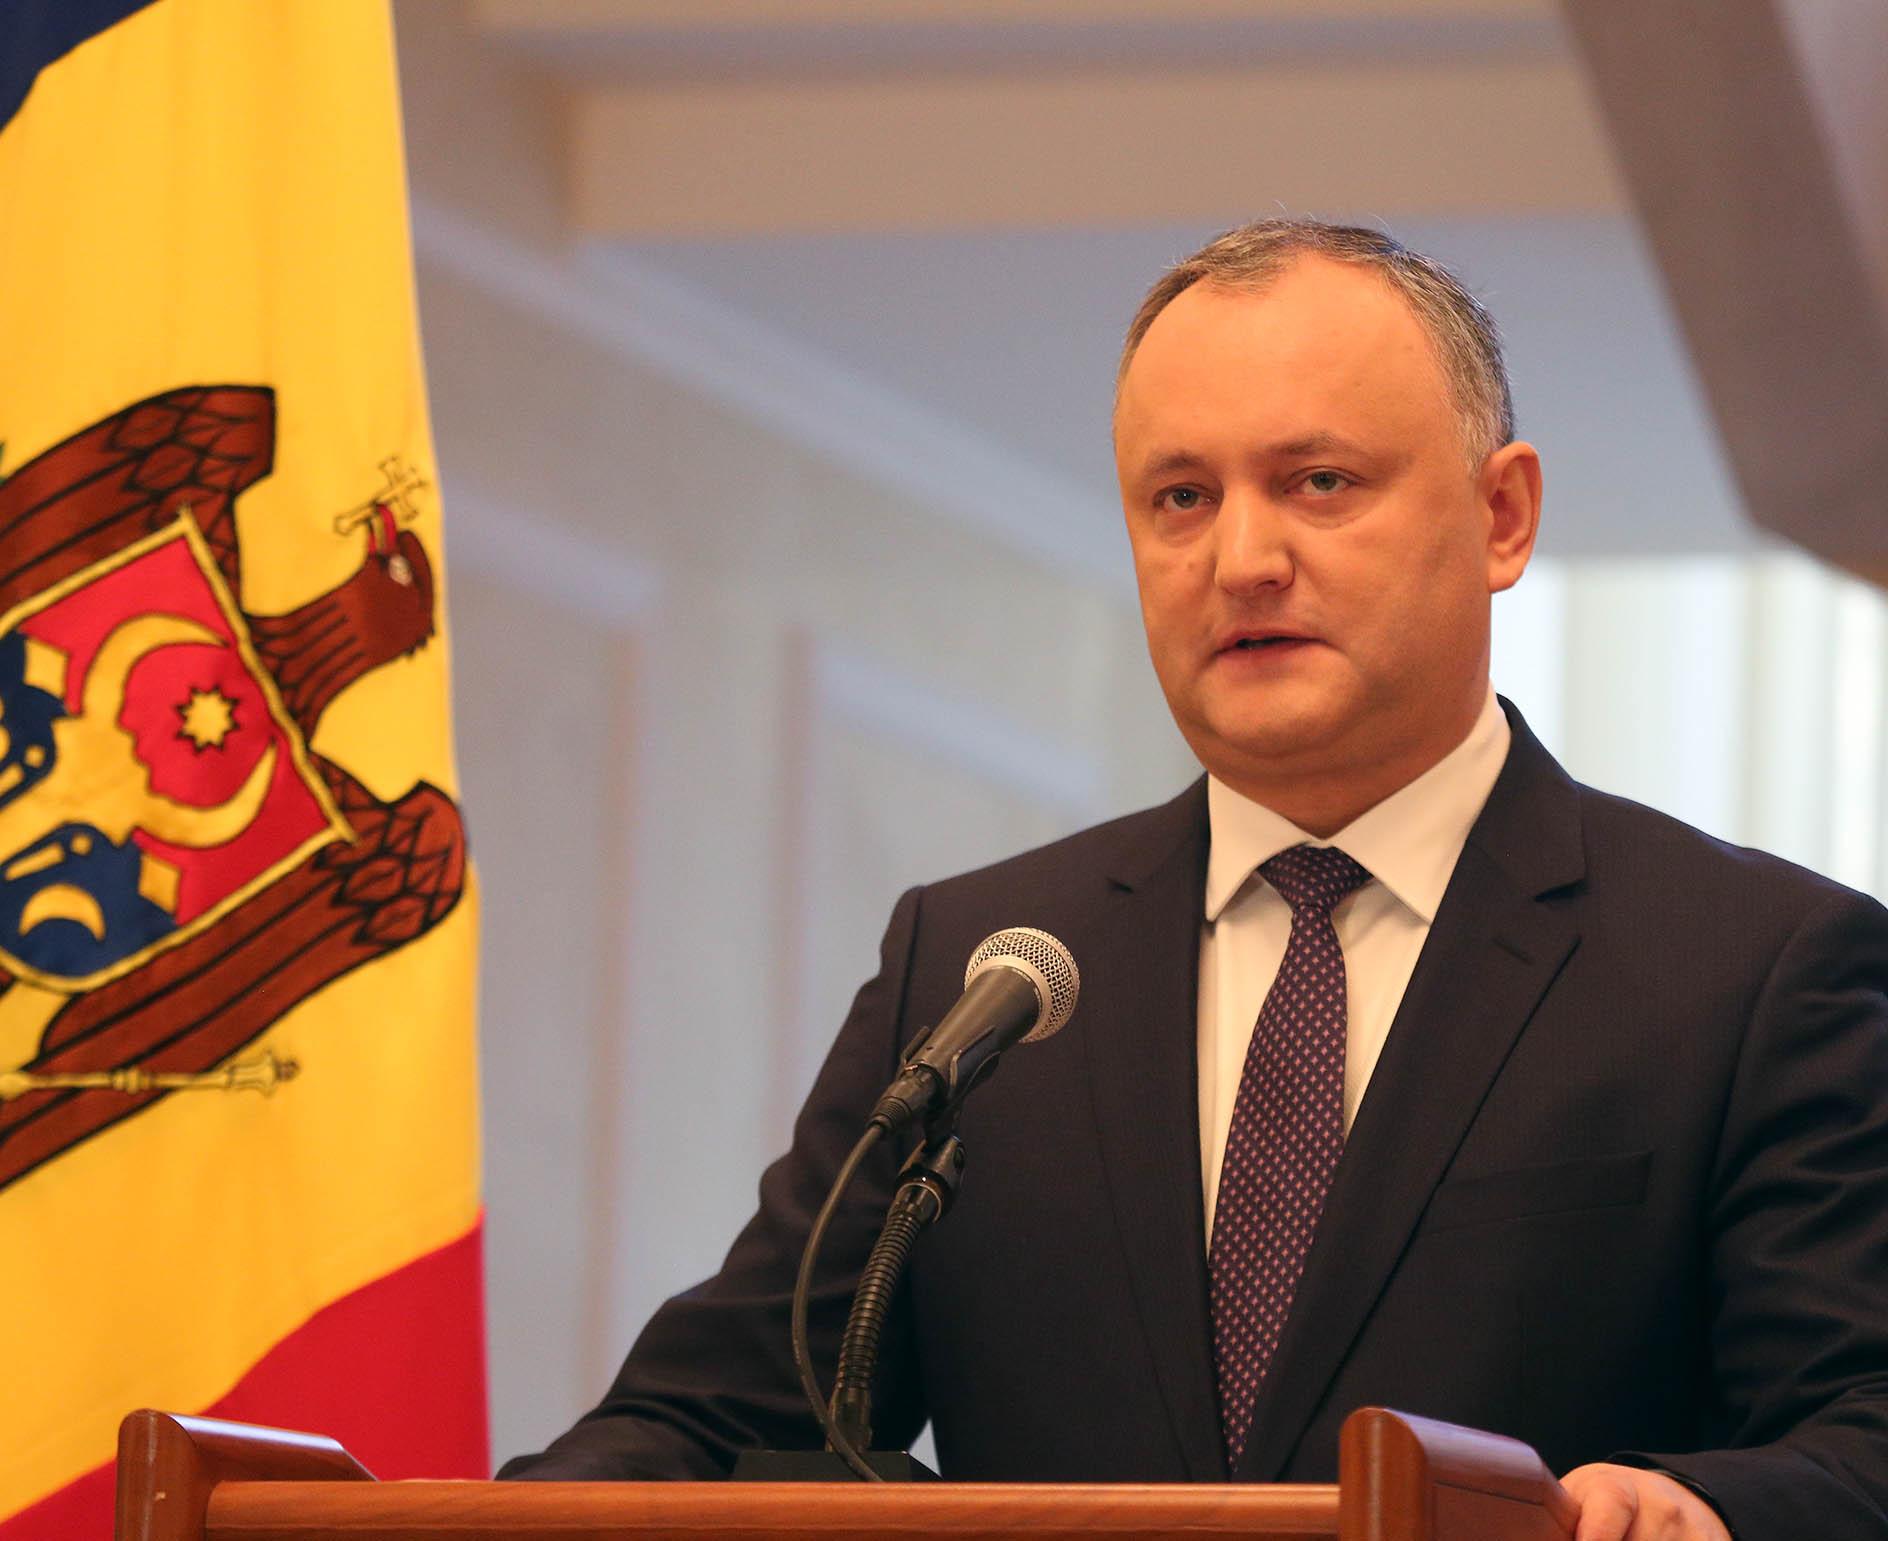 Reacția șefului statului la anunțul PDM privind atribuțiile în calitate de Comandant Suprem al Forțelor Armate